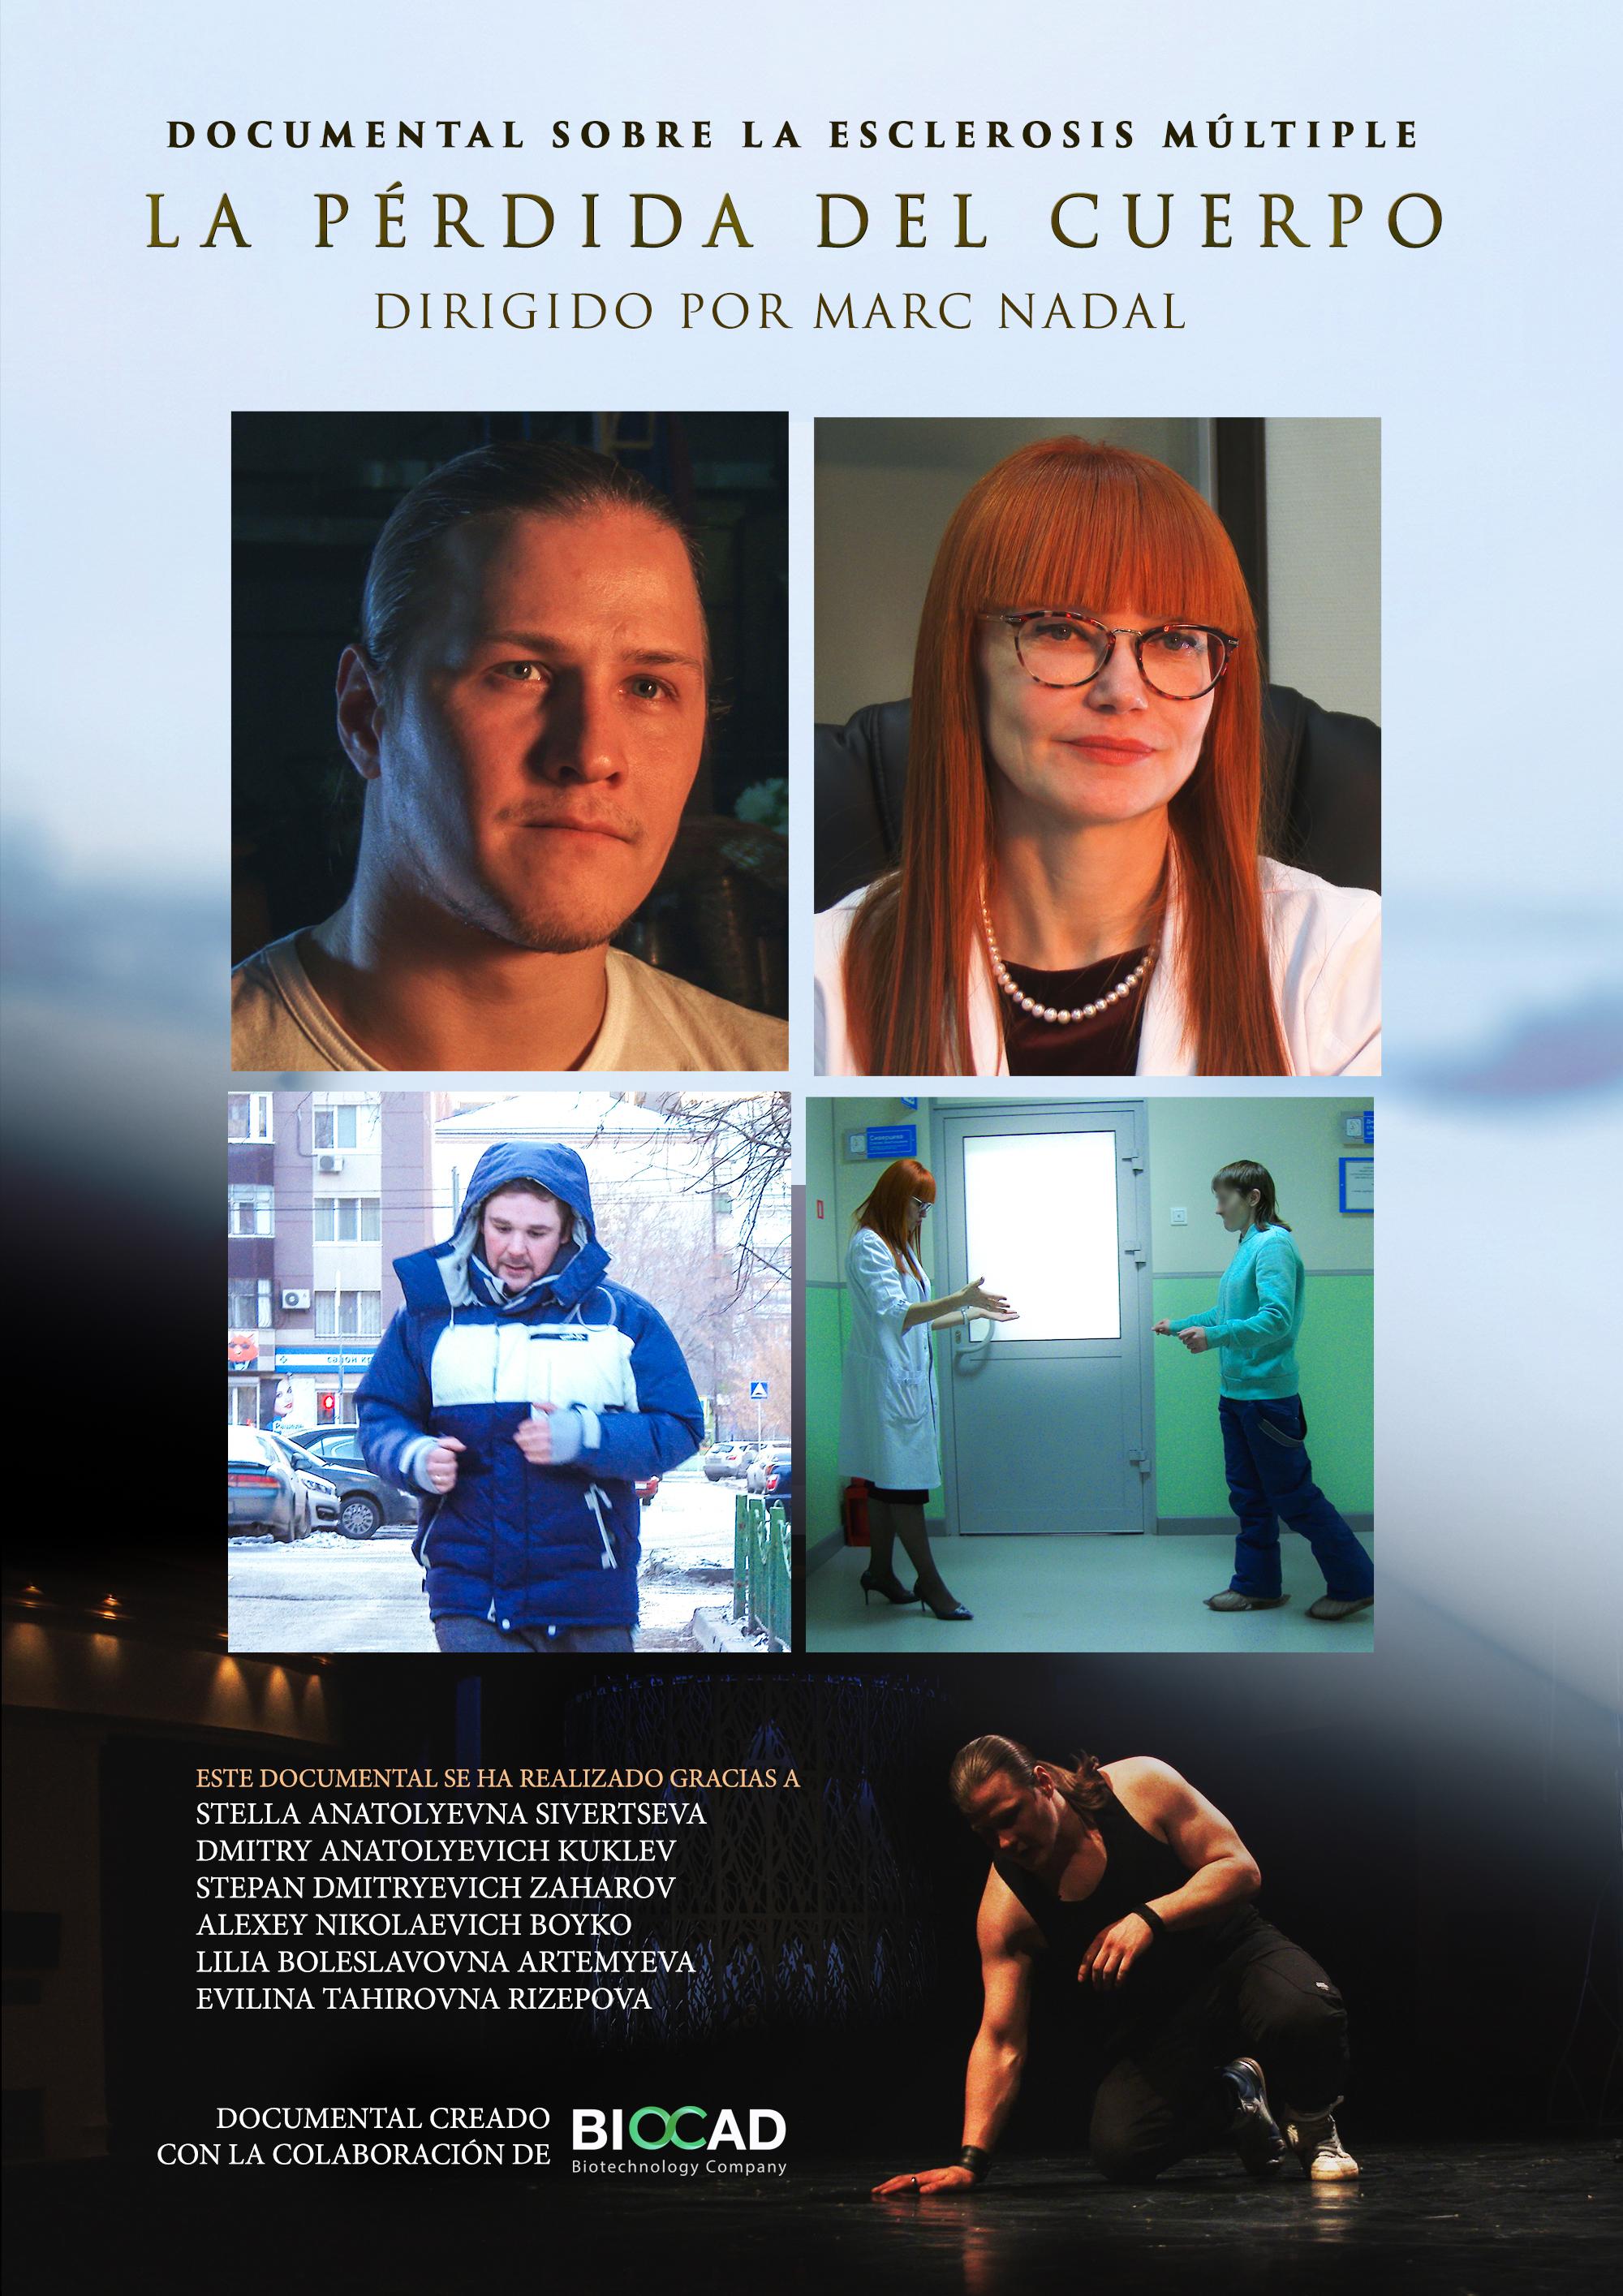 La pérdida del cuerpo Documental Esclerosis Multiple